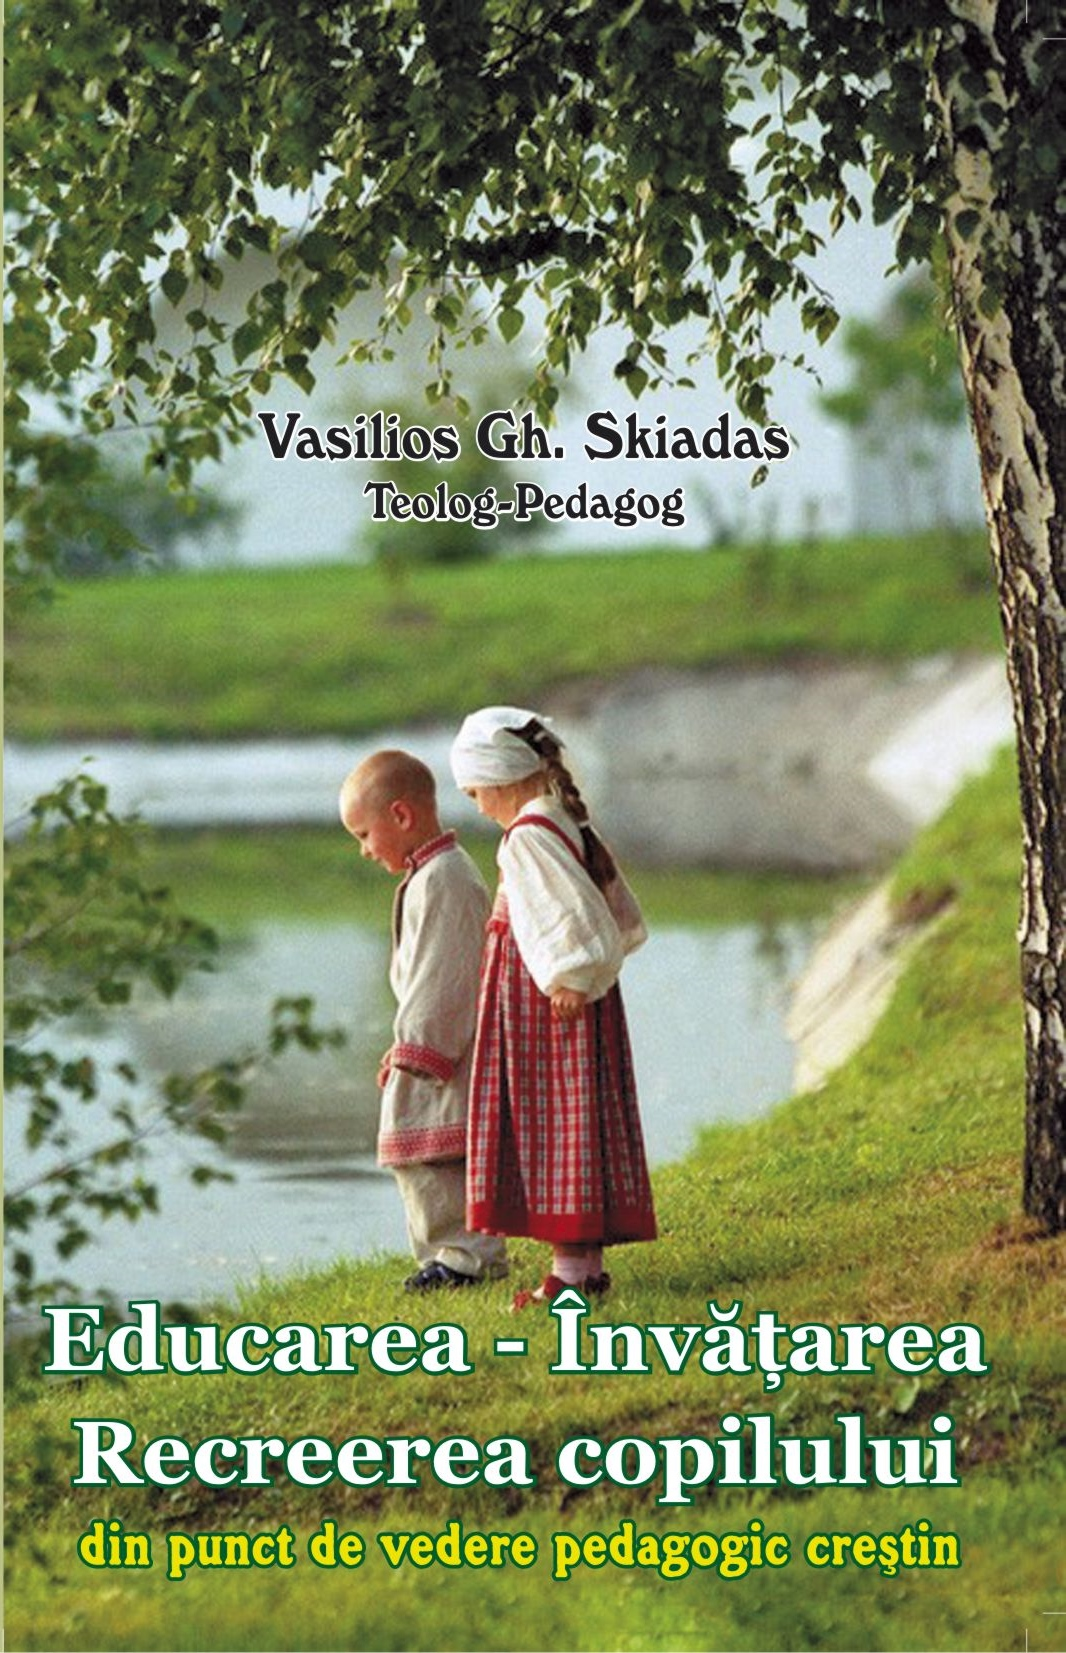 Educarea – Învățarea – Recreerea copilului din punct de vedere pedagogic crestin